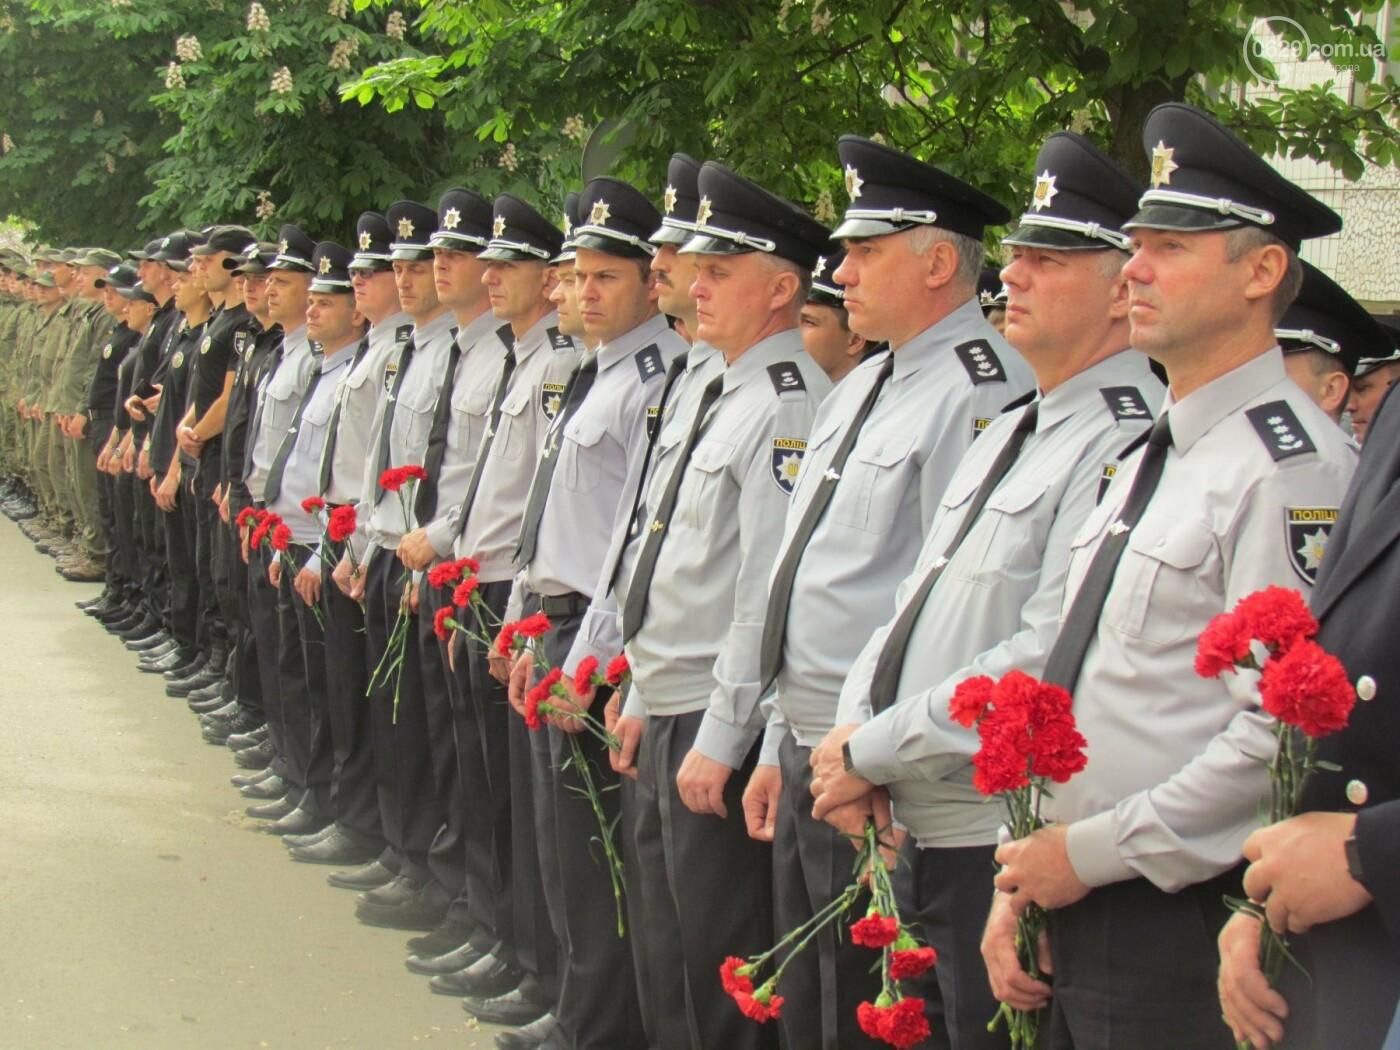 В Мариуполе почтили память патриотов, погибших 9 мая 2014 года  (ФОТОРЕПОРТАЖ+ВИДЕО), фото-4